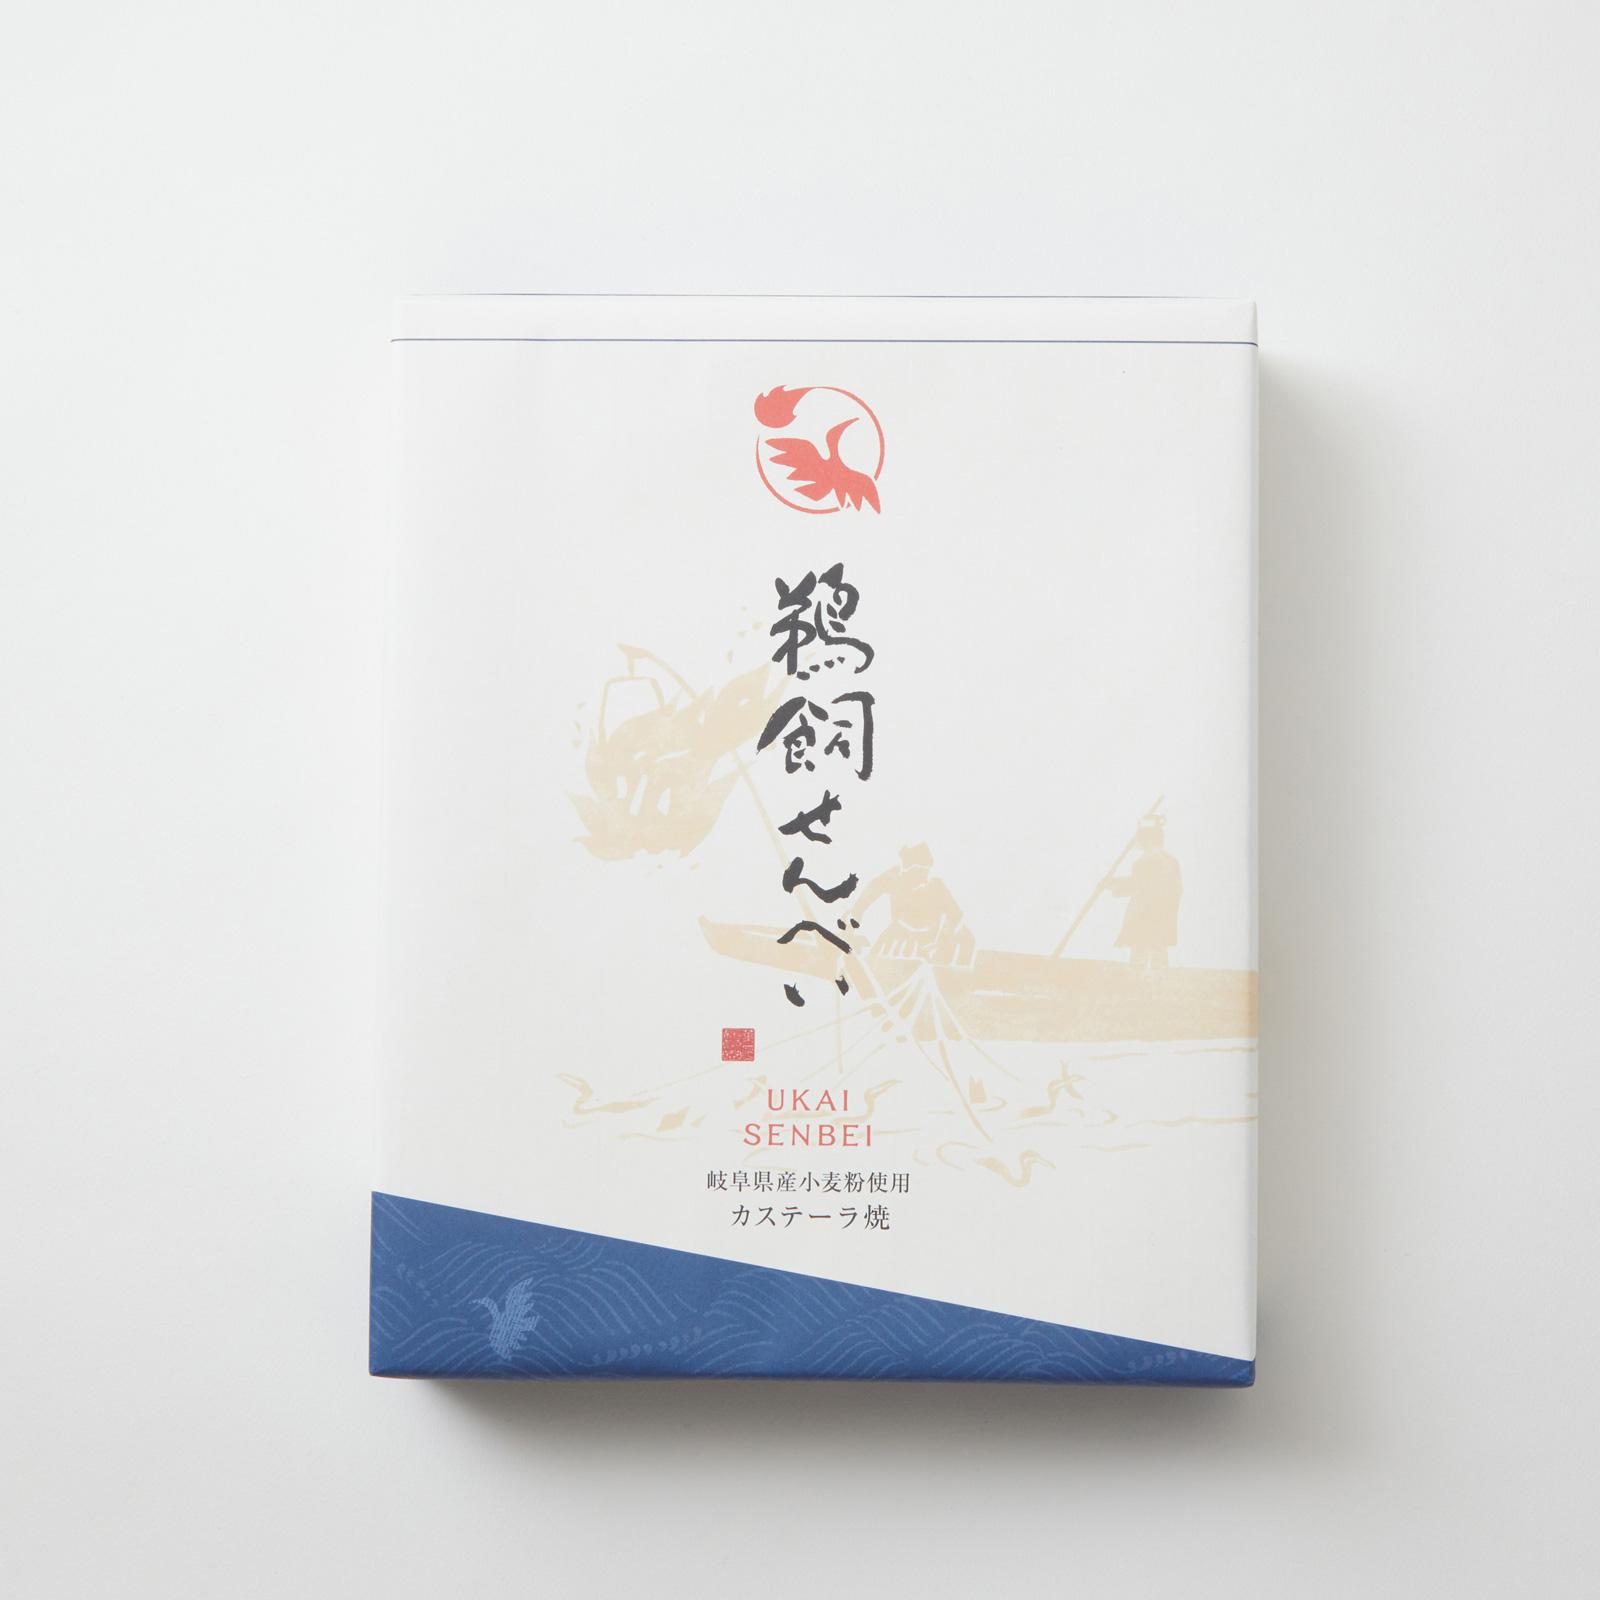 【鵜飼せんべい:12枚×2箱】岐阜県産の新鮮素材にこだわった、伝統のかすてら焼き【皇室献上菓子】